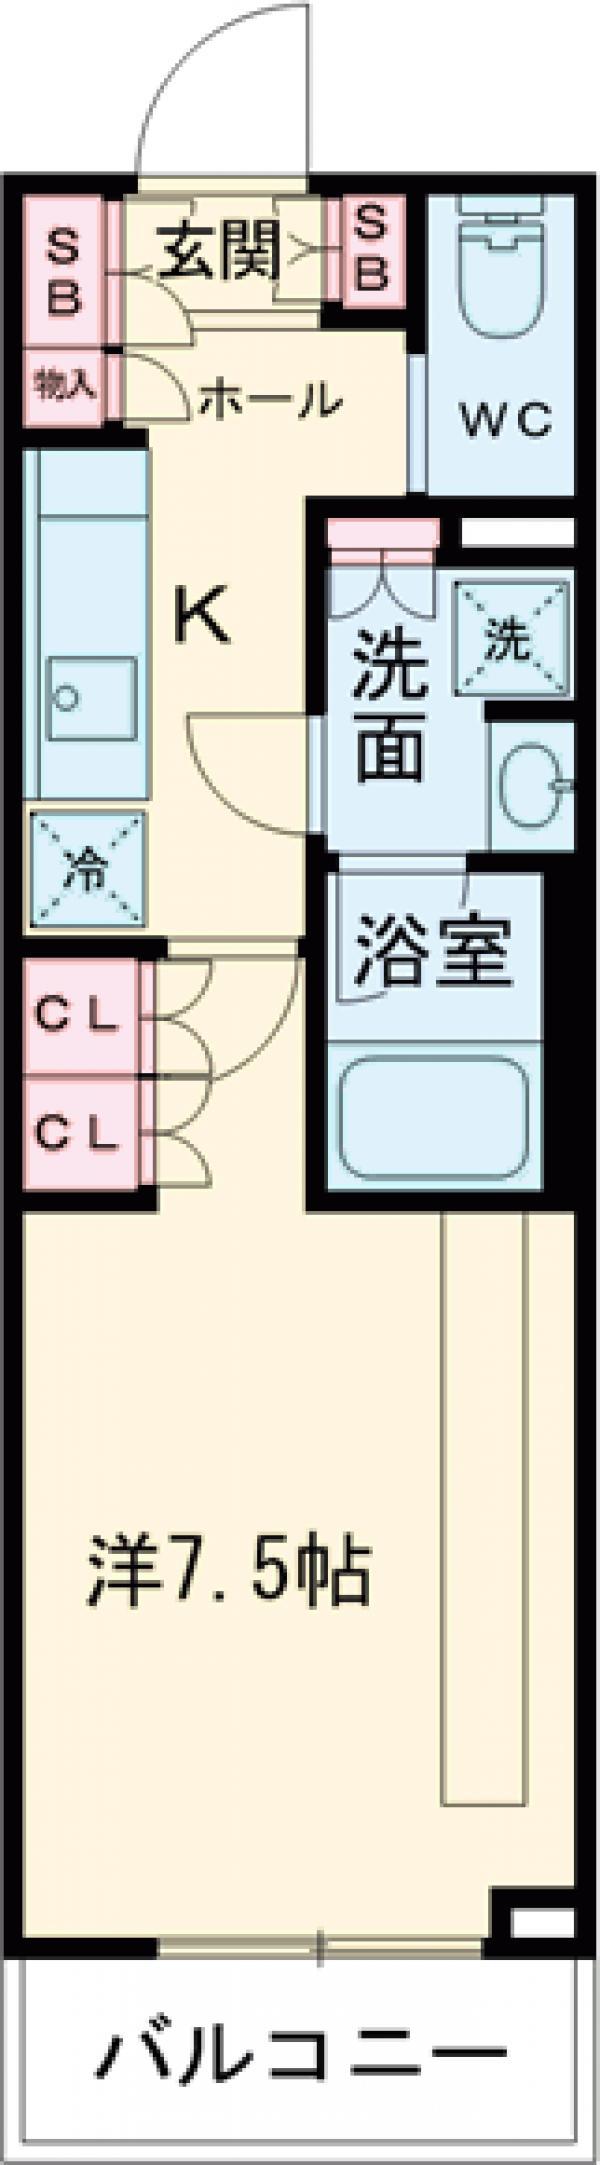 ブライズ世田谷桜・207号室の間取り